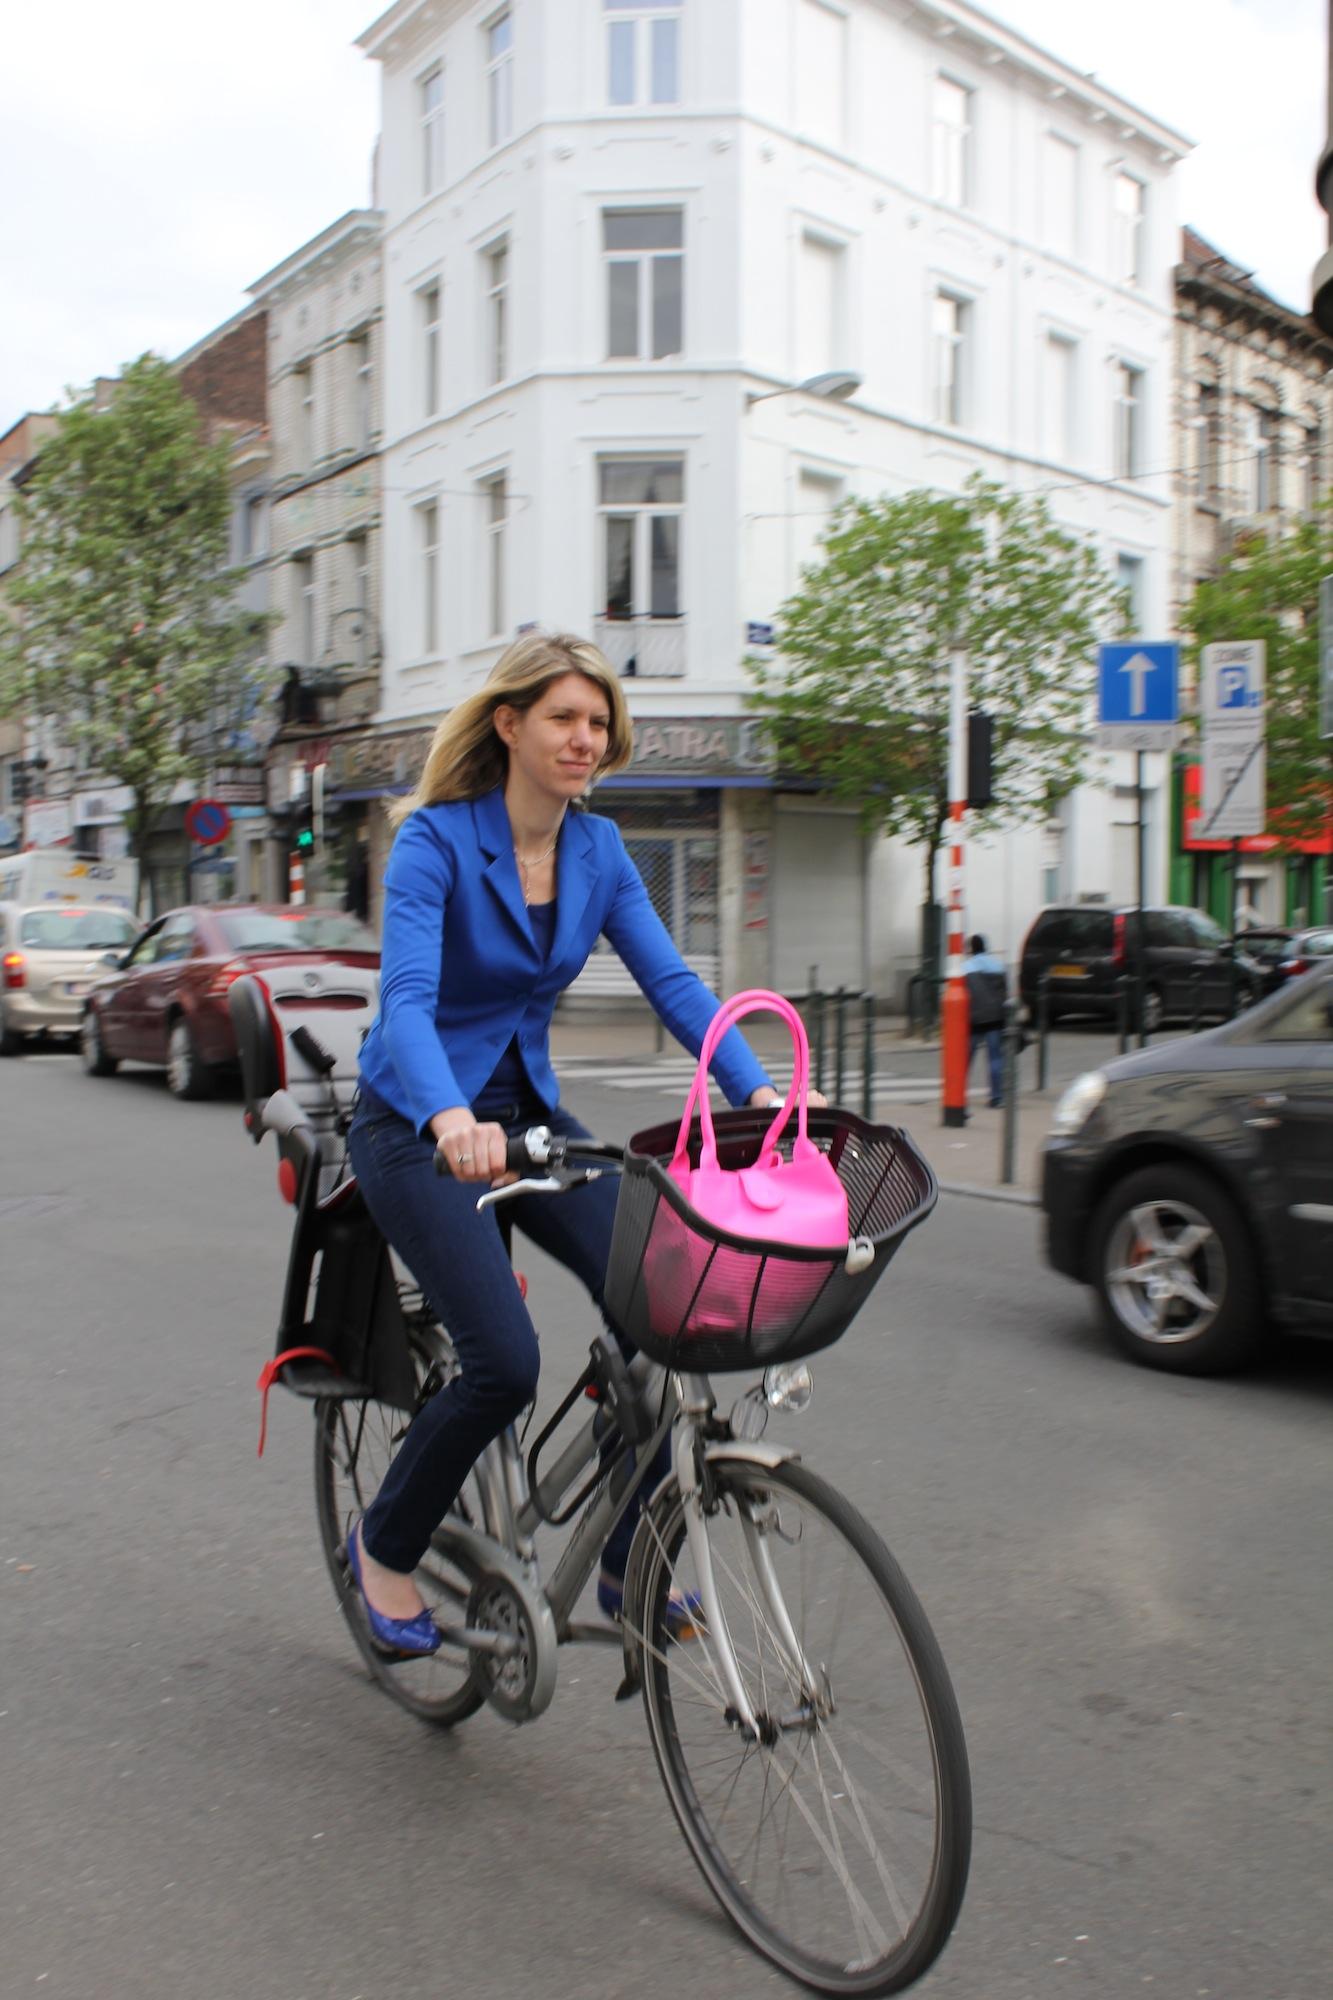 Els Ampe à vélo